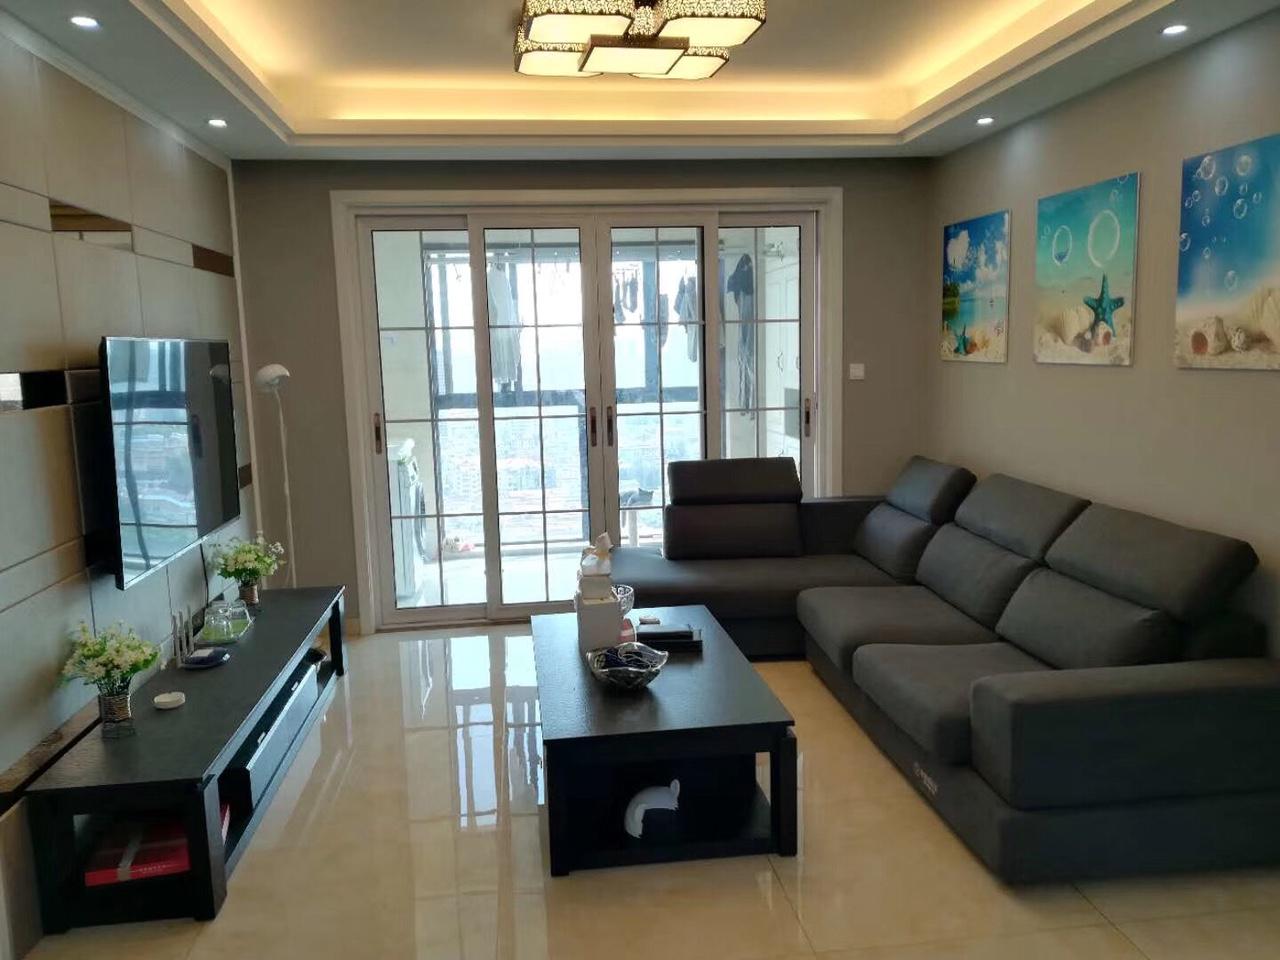 雨润广场 精装3室2厅129平含车位150万元